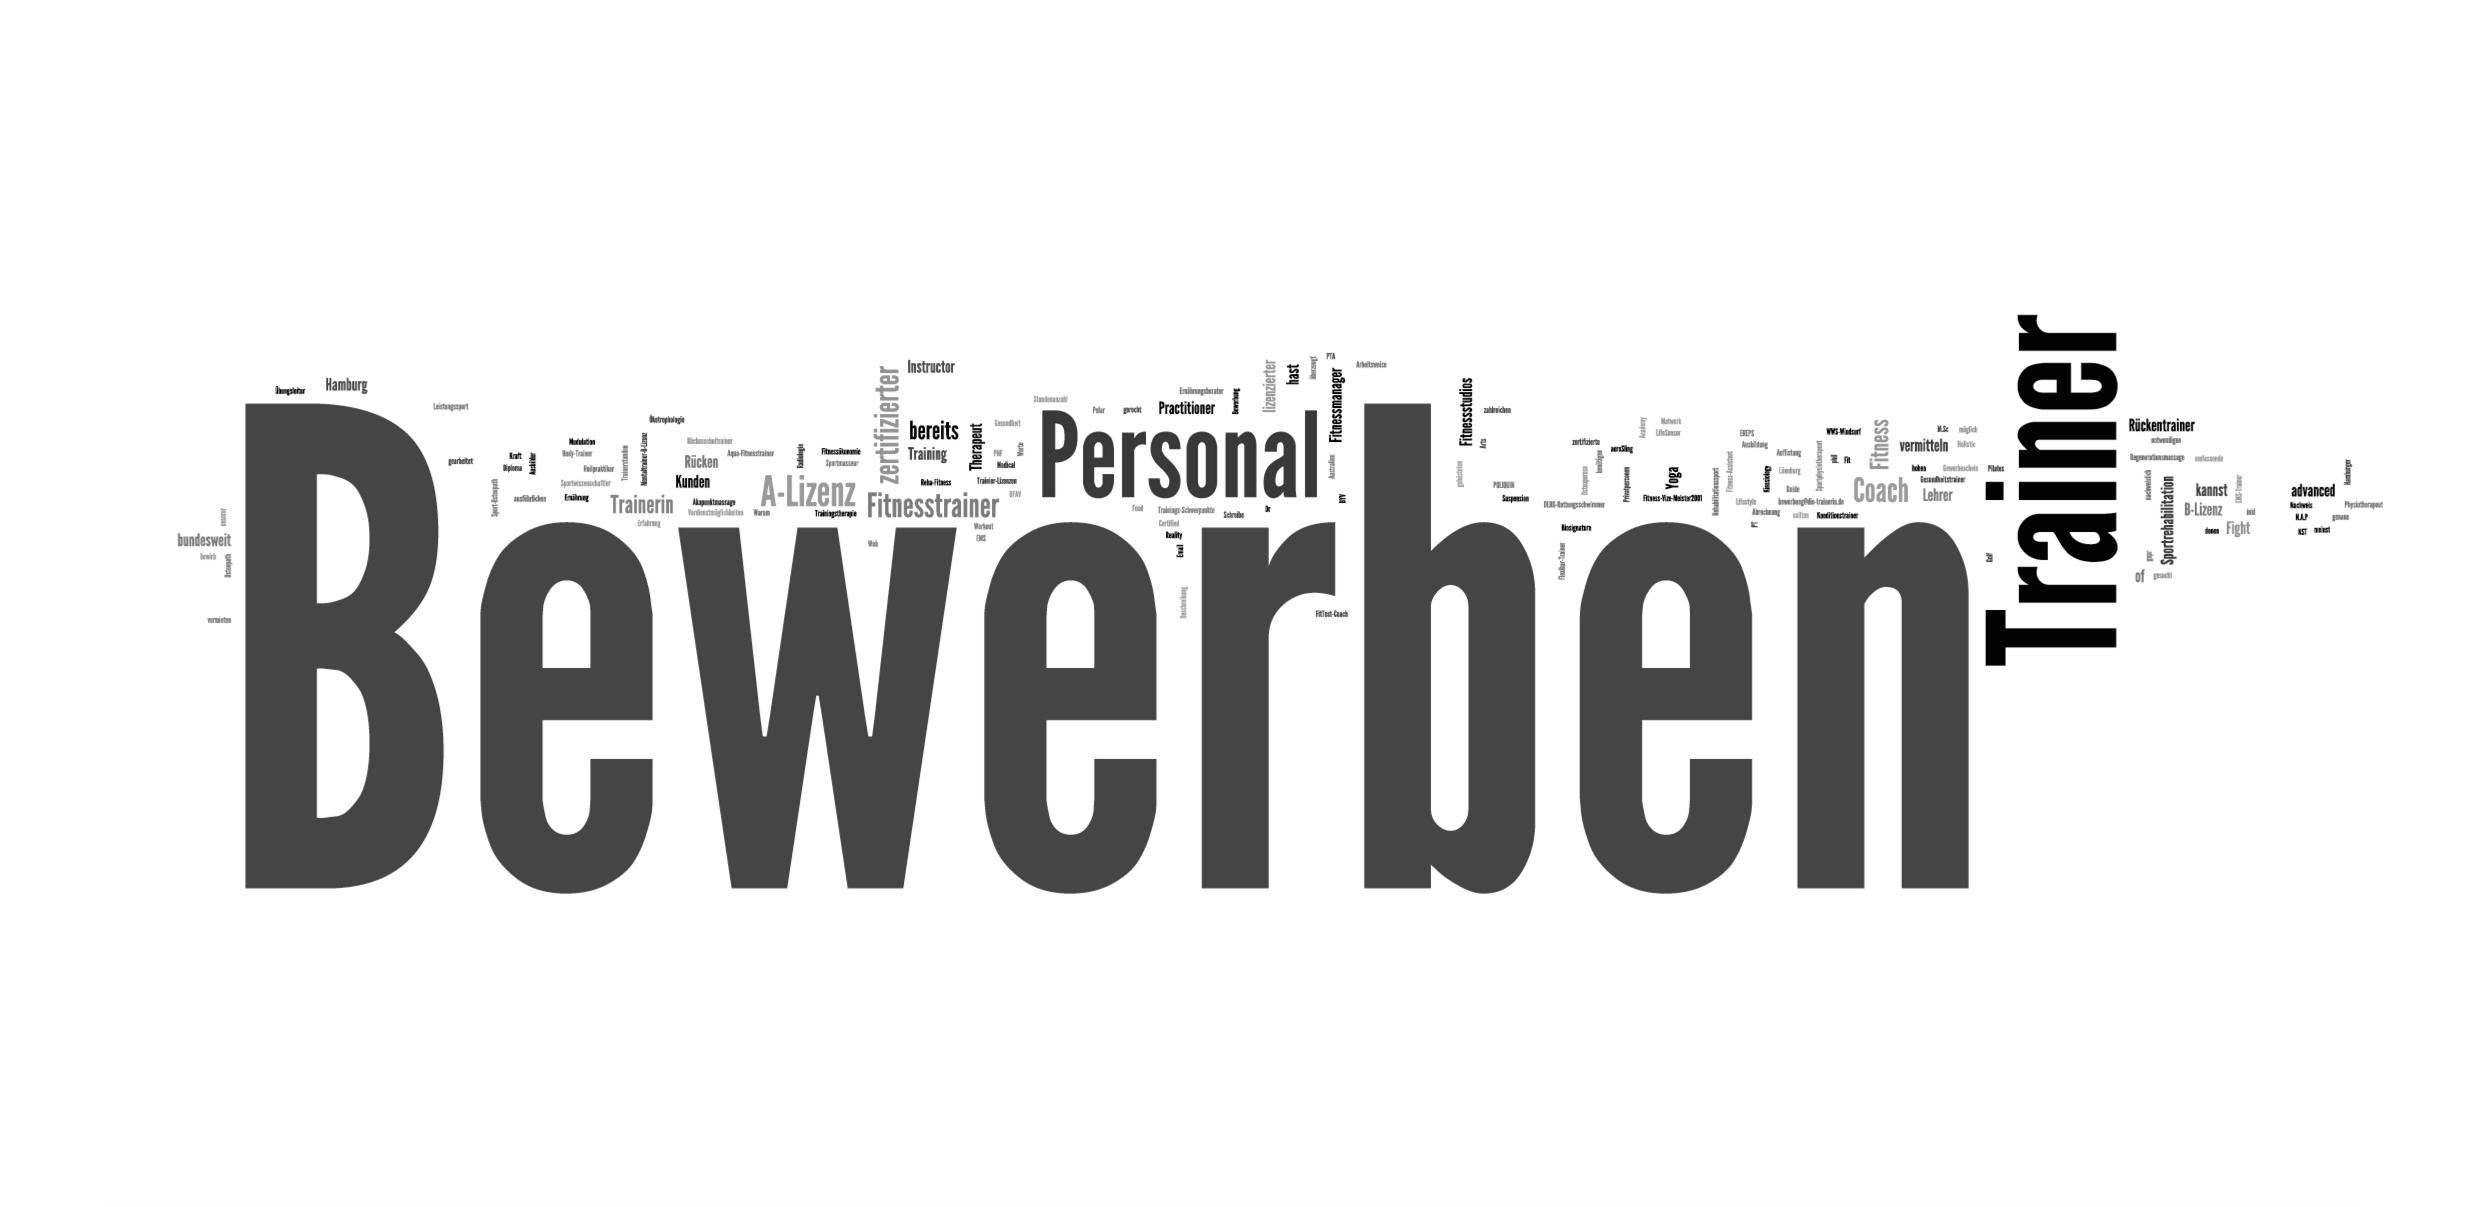 Personal Trainer Hamburg als Trainer Bewerben